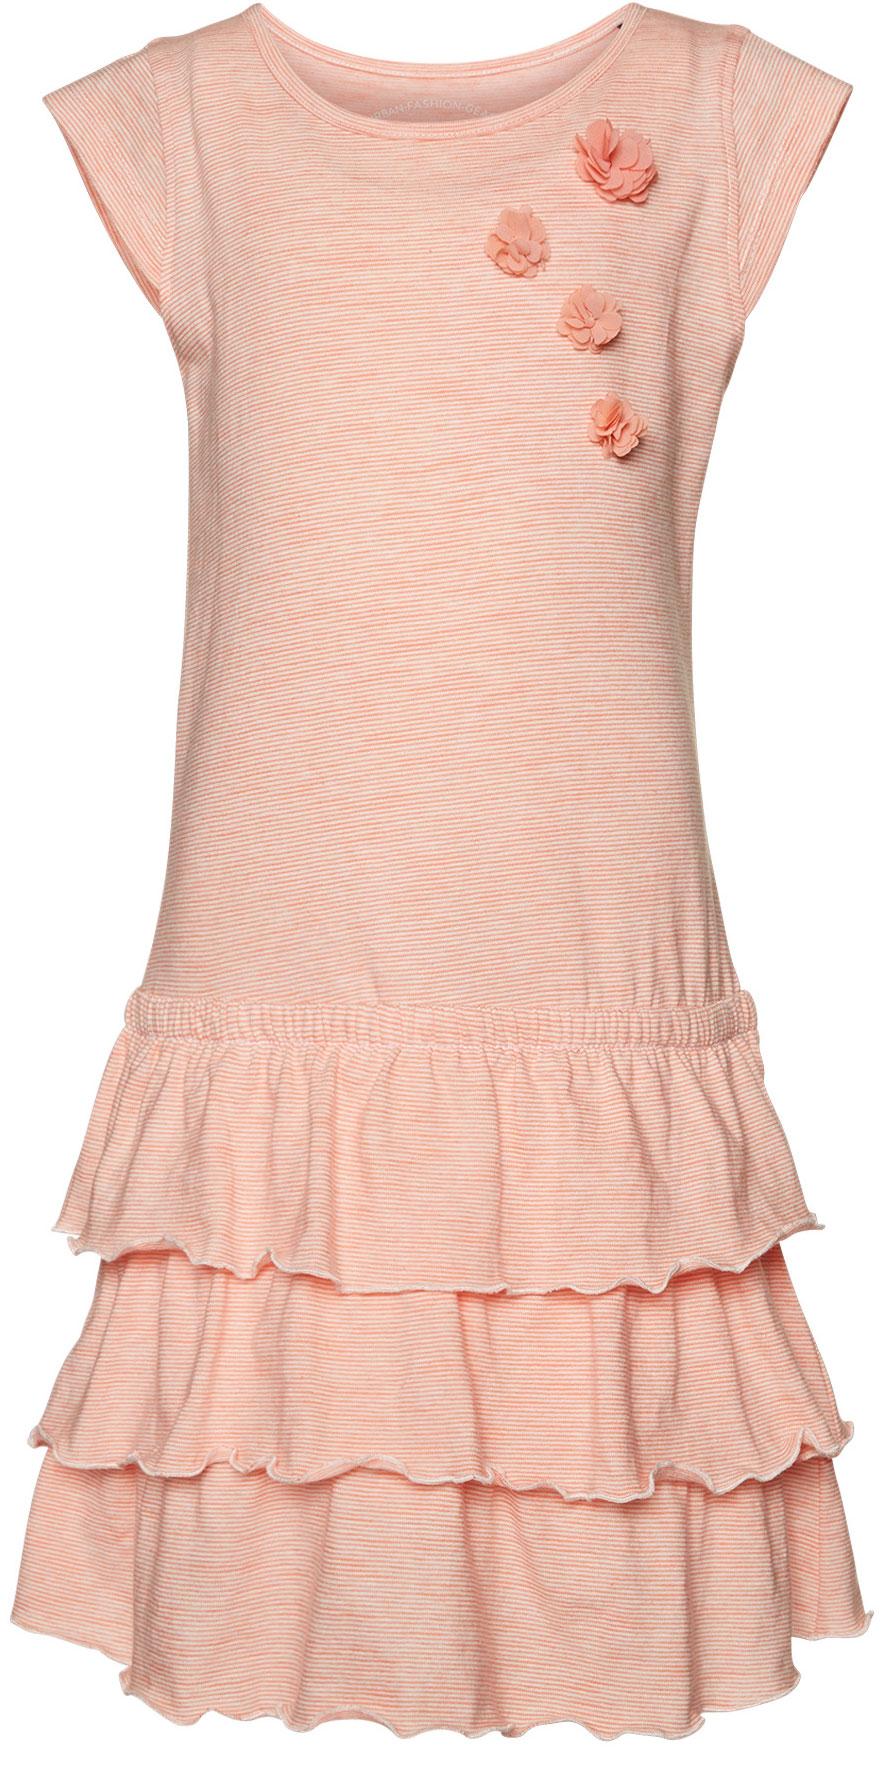 Платье для девочки Tom Tailor, цвет: оранжевый, белый. 5019623.00.81_3335. Размер 92/985019623.00.81_3335Яркое платье для девочки Tom Tailor выполнено из качественного хлопка. Модель трапециевидного кроя с круглым вырезом горловины, короткими рукавами-крылышками и юбкой-воланом оформлена принтом в полоску и украшена аппликацией в виде объемных цветочков.